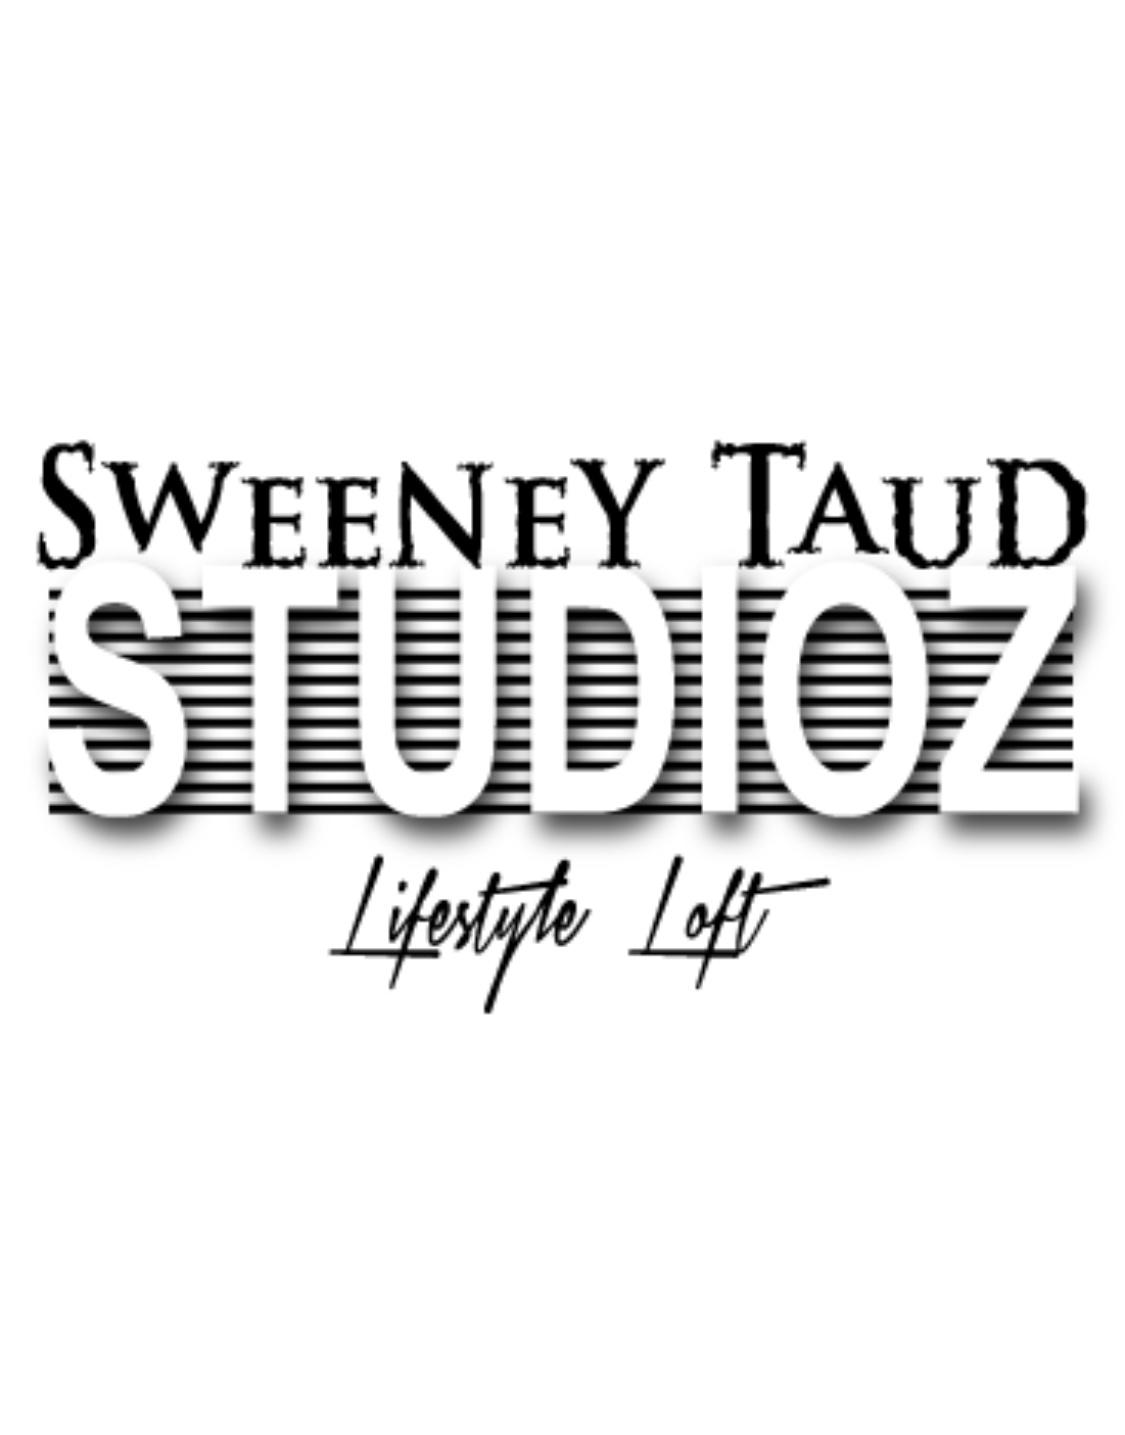 Sweeney Taud Studioz